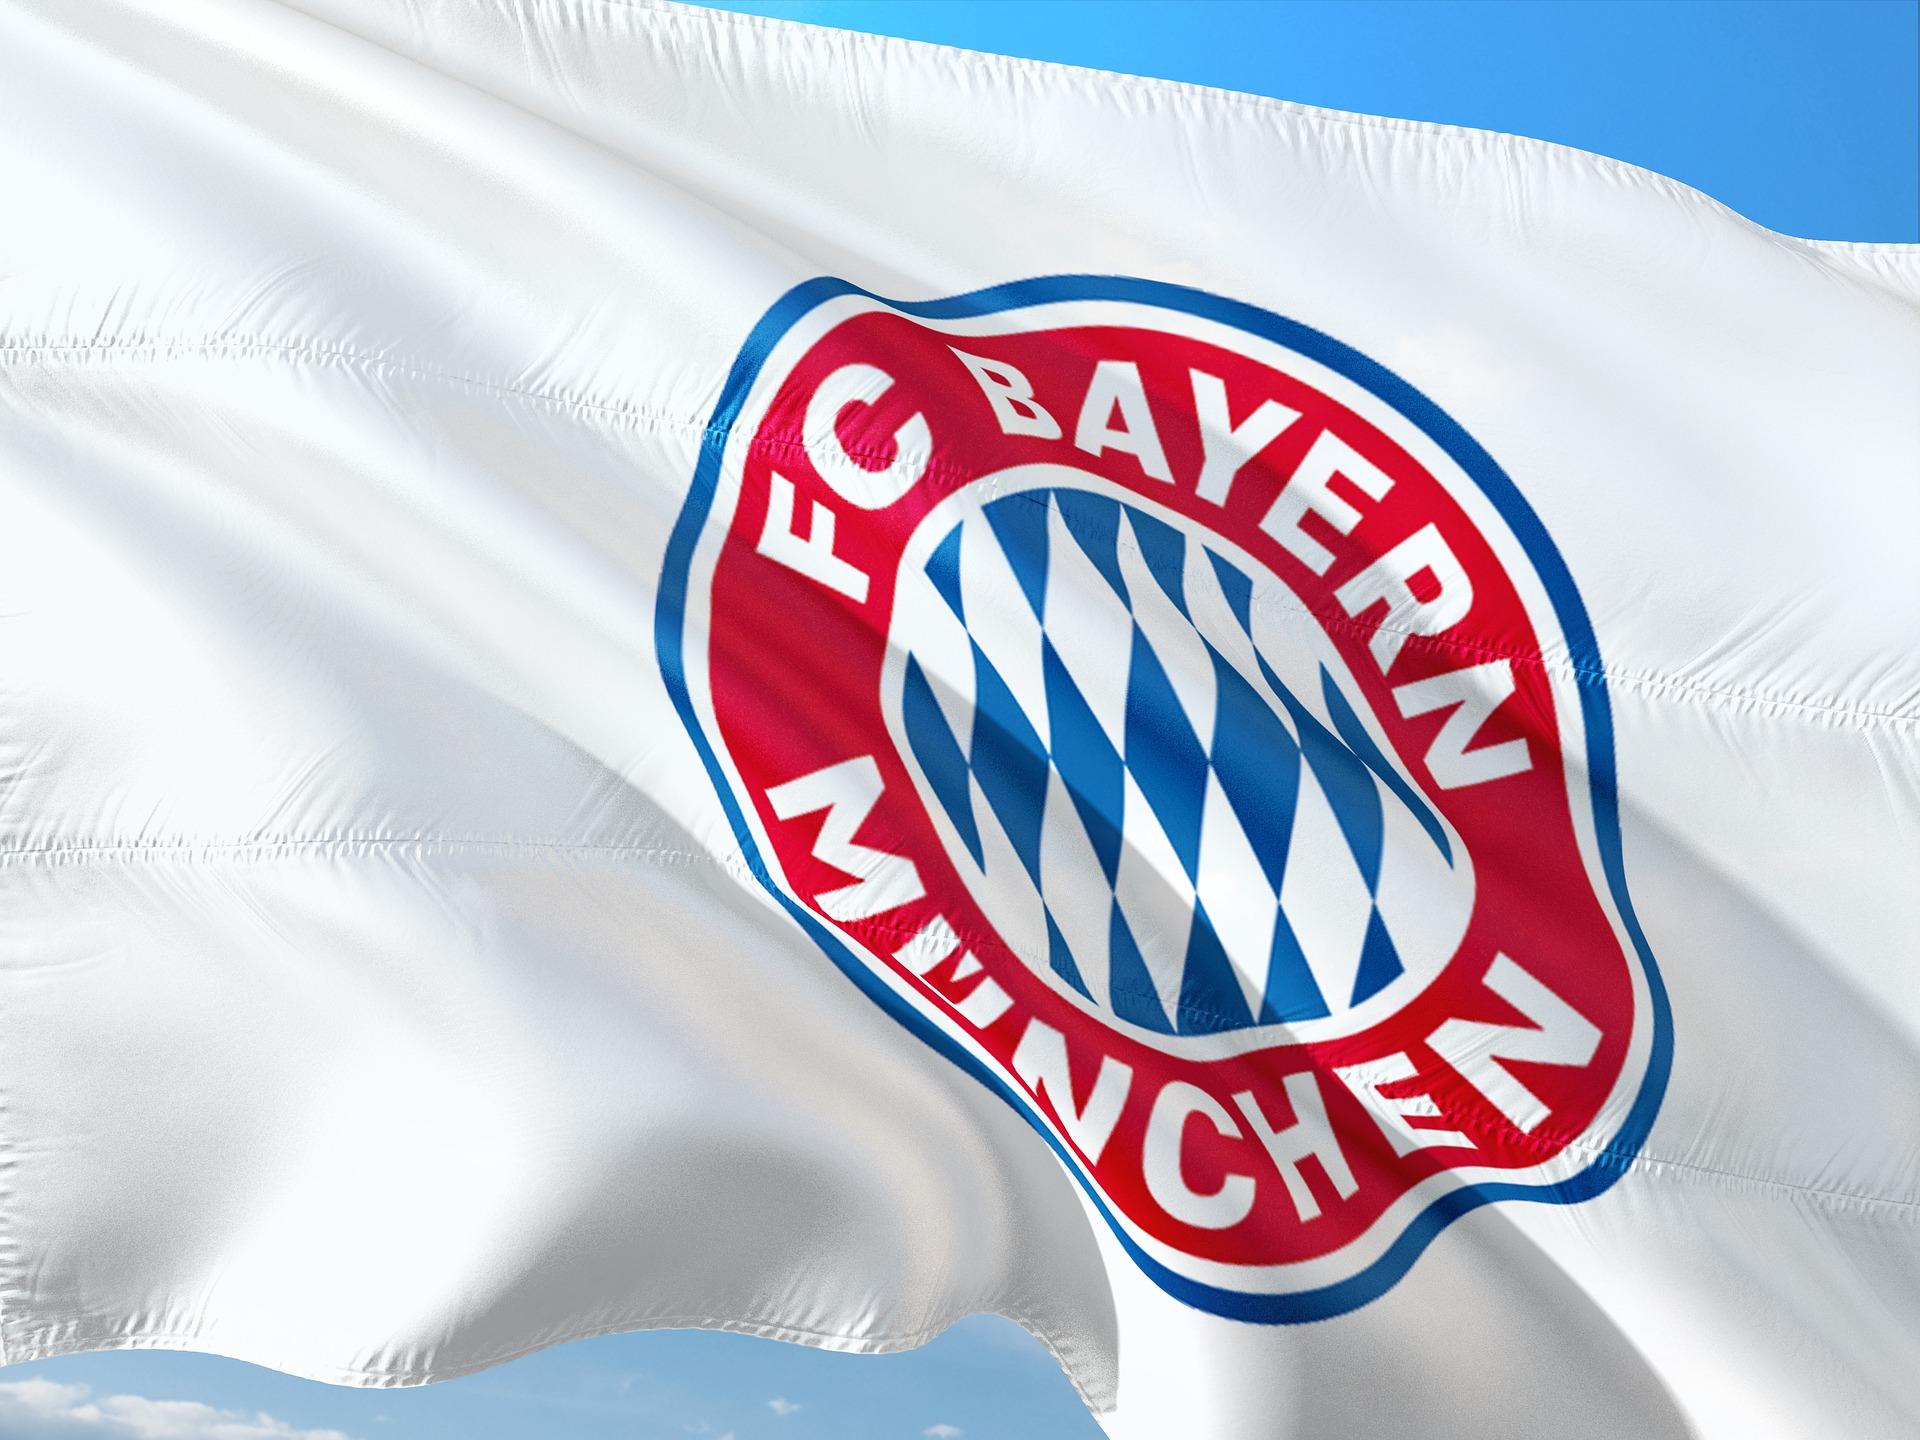 FC Bayern Munich de Alemania anuncia coleccionables en blockchain para sus fanáticos